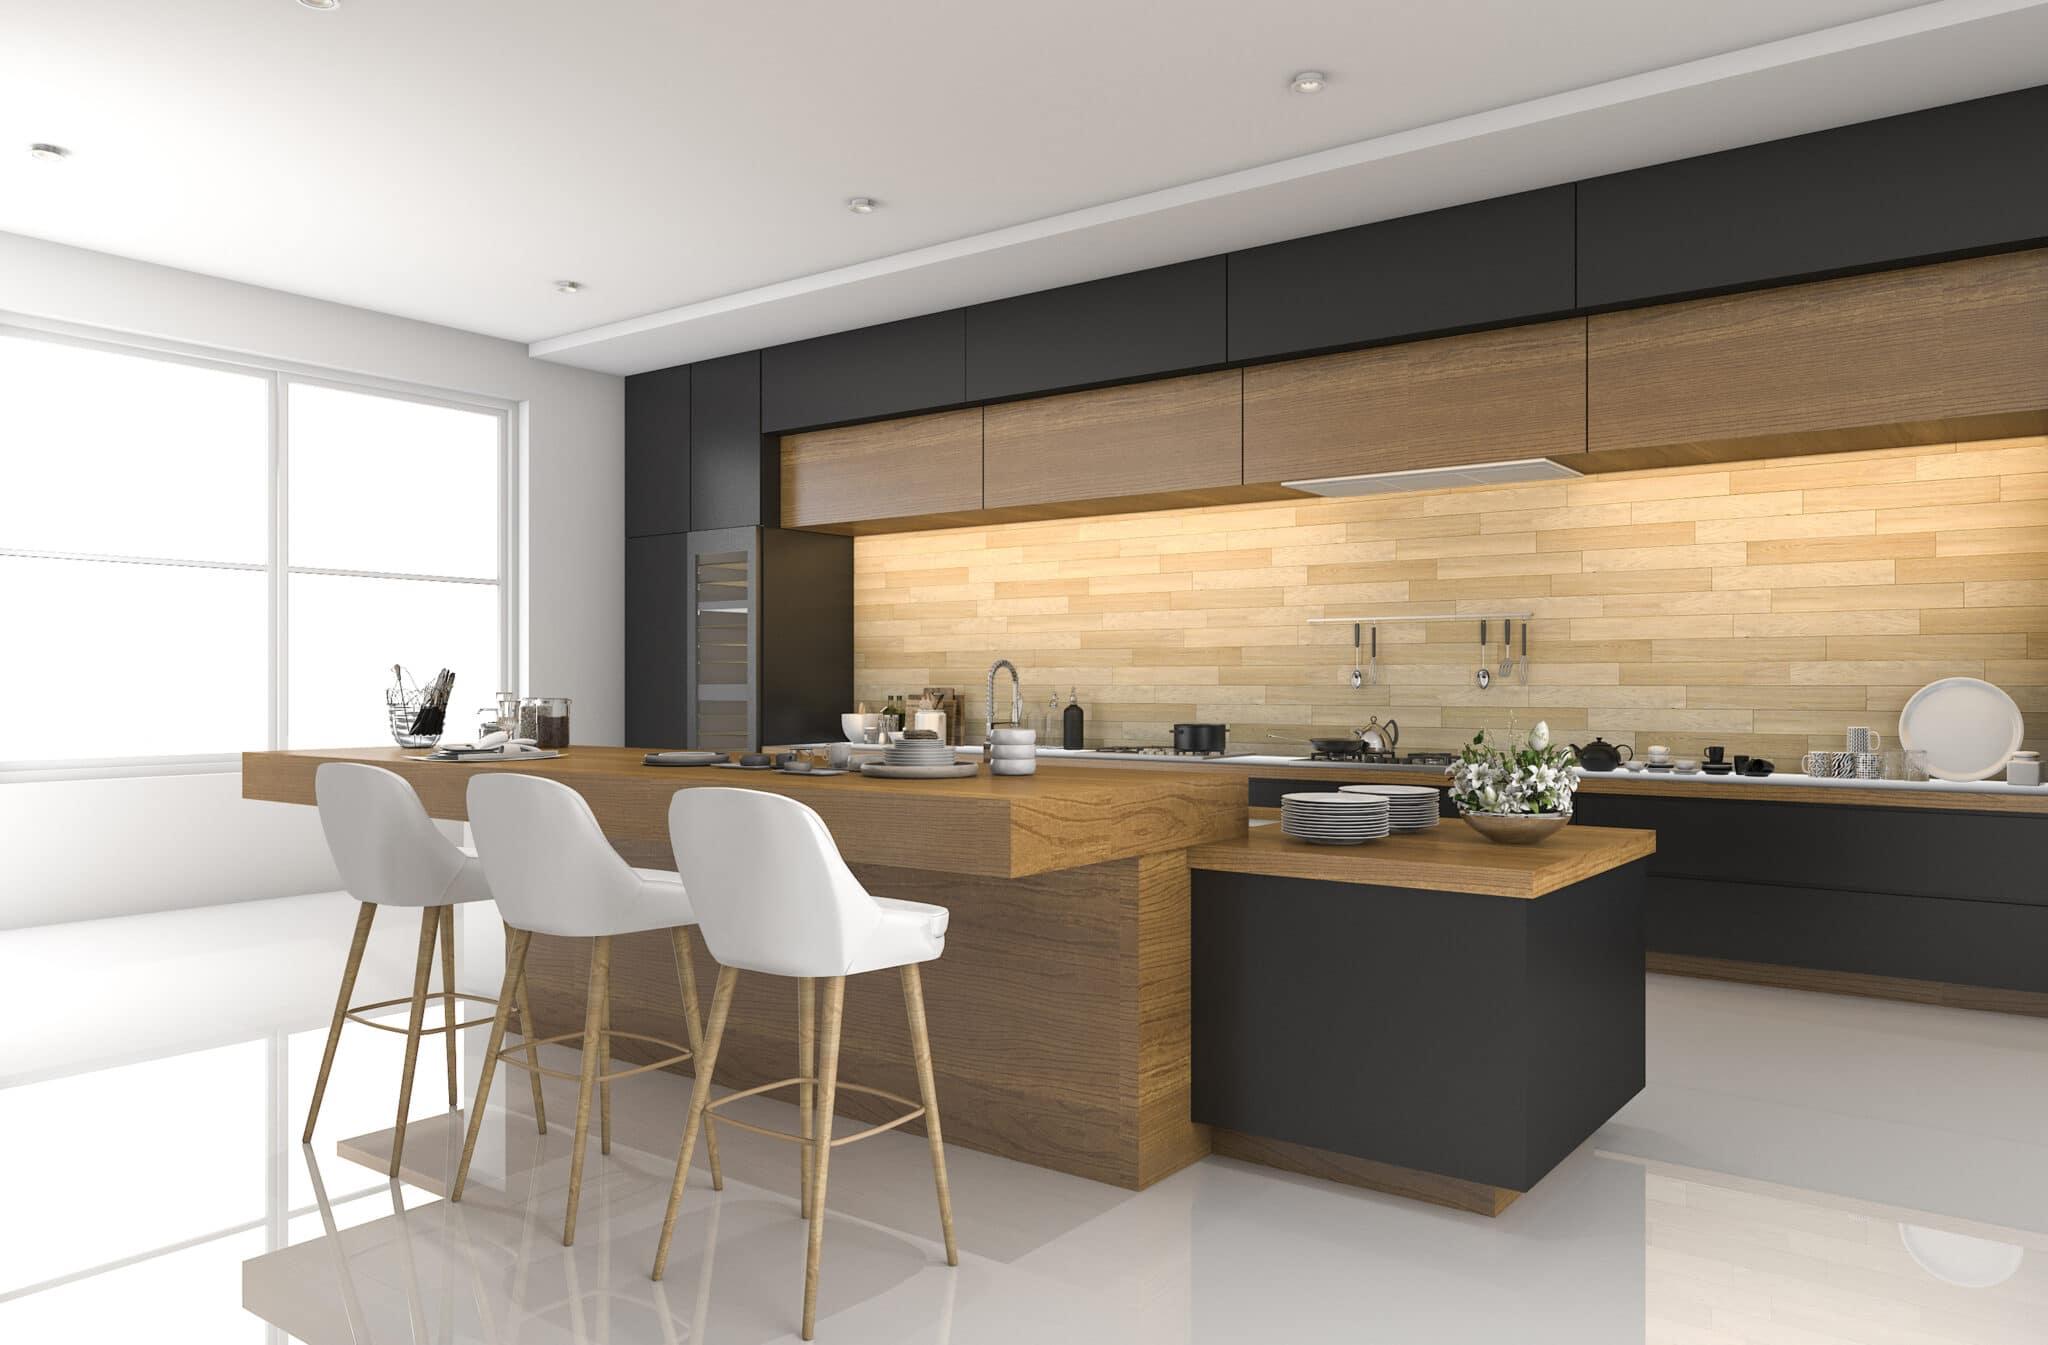 מטבחים מעץ תאורה למטבחים חכמים עם מקצועיות ומיומנות ועם הרבה מוטיבציה שיודעים לספק שירות אדיב ומקצועי, שמומחים לשירותי ייצור ועיצוב מטבחים בד בבד אפיון דרישות הלקוח ומסירת המטבח